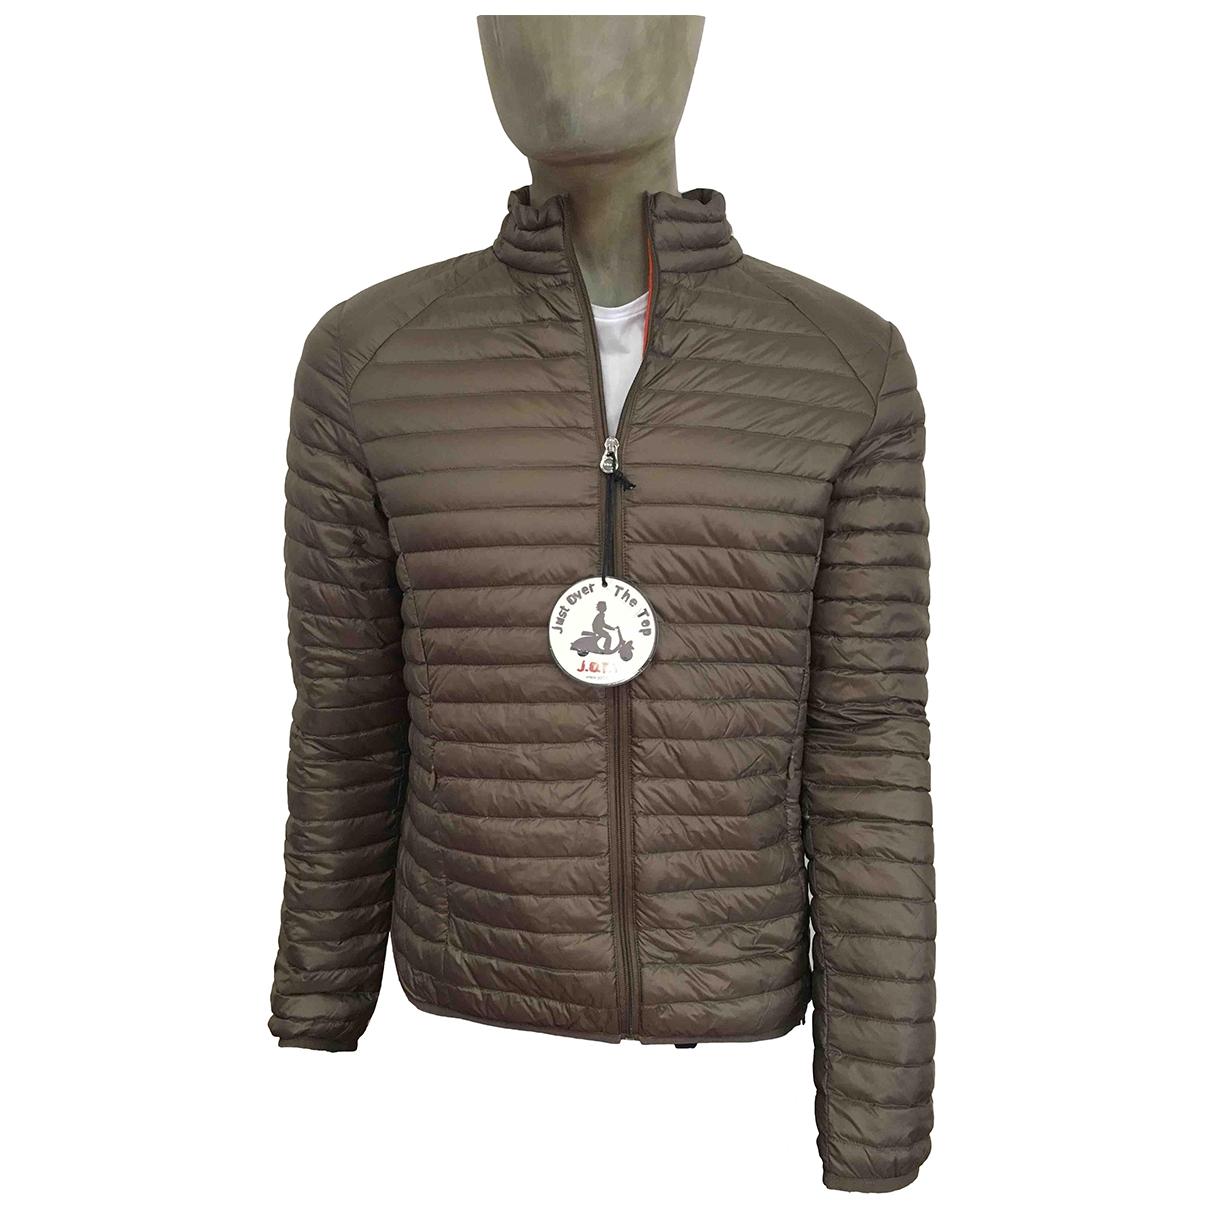 Jott \N Beige jacket  for Men M International